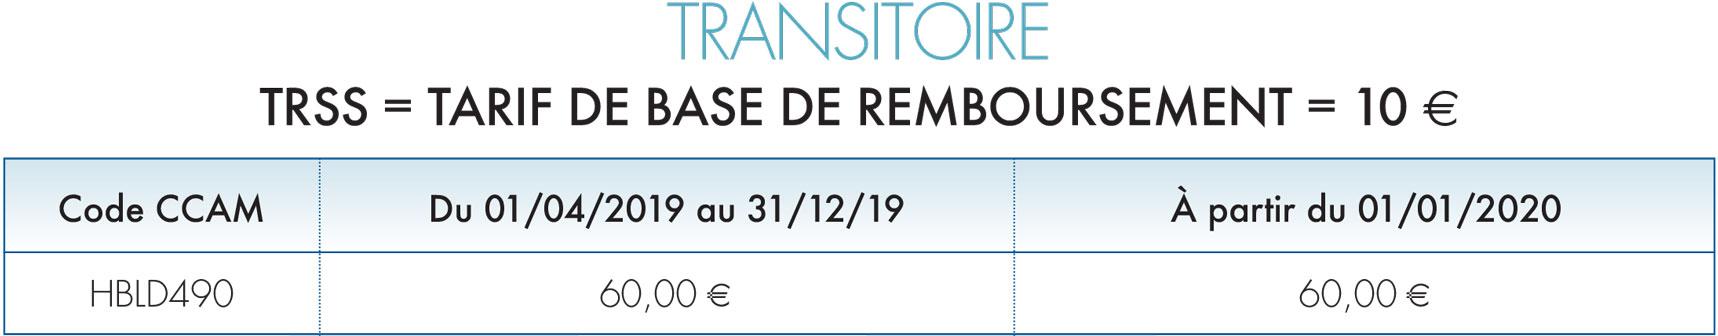 transitoire